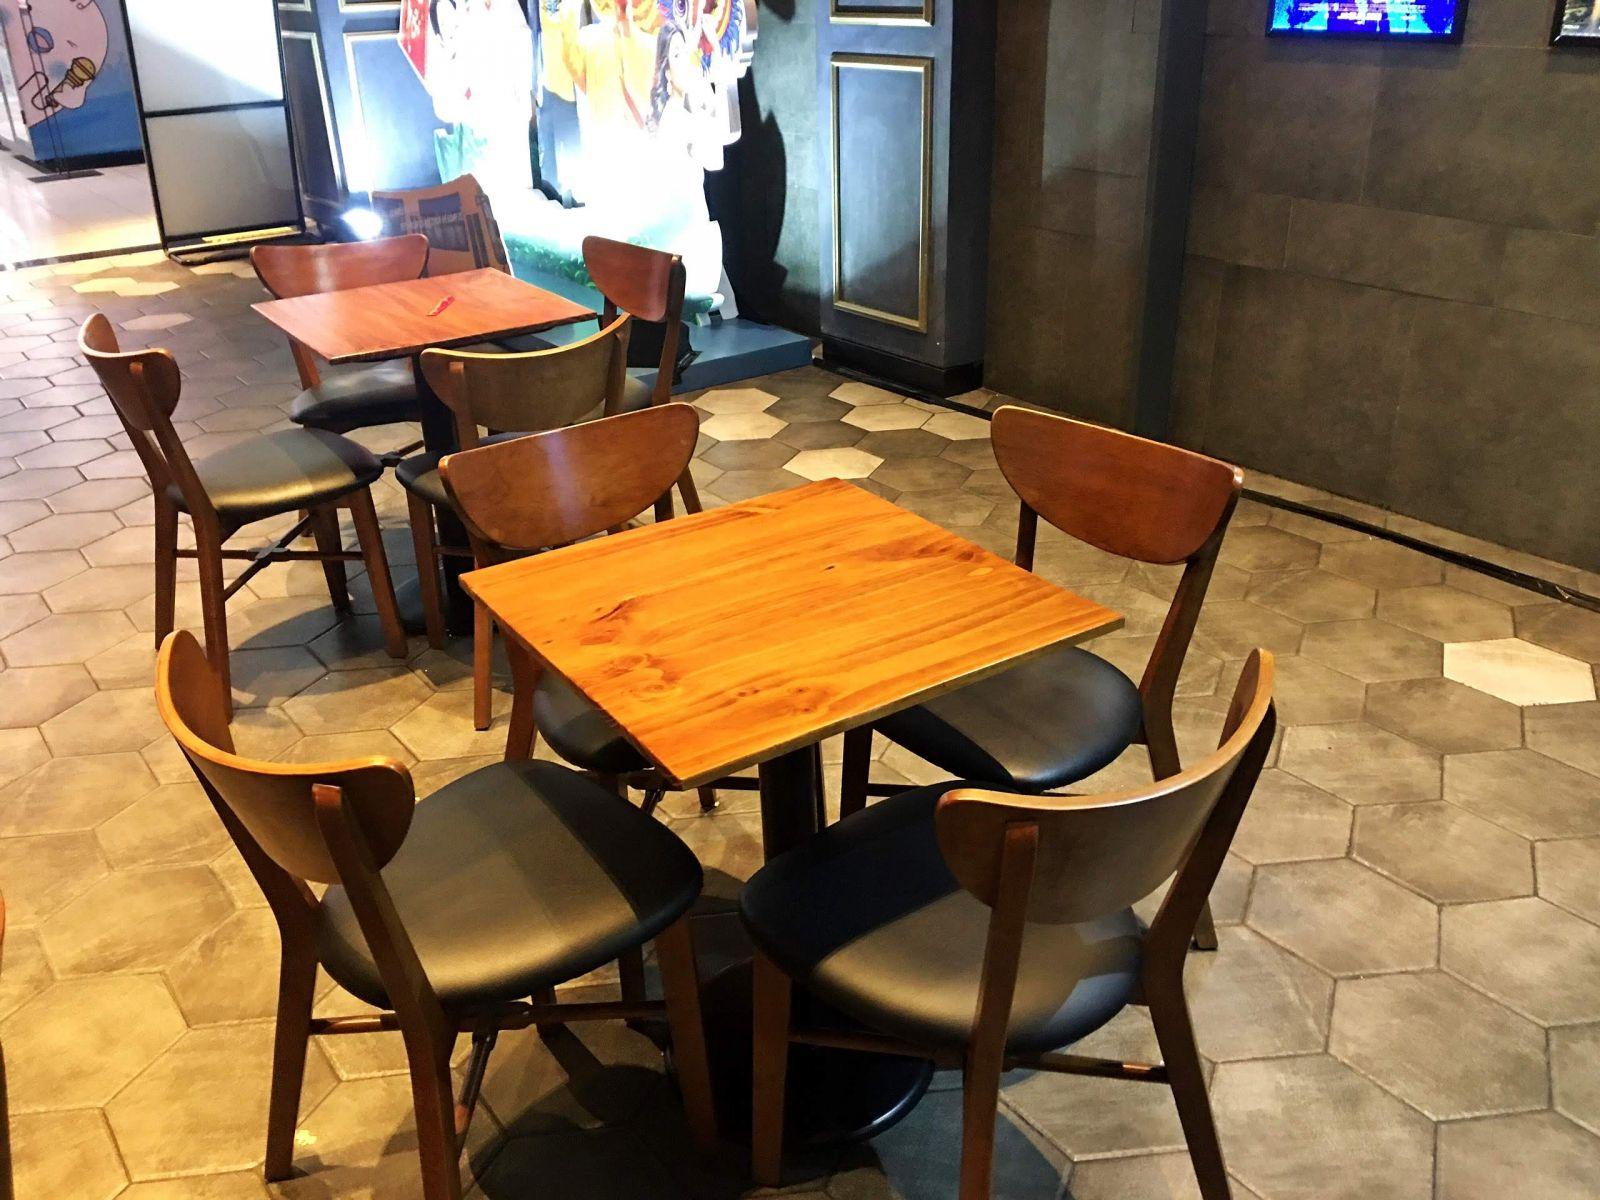 bộ bàn ghế dành cho 4 người ngồi